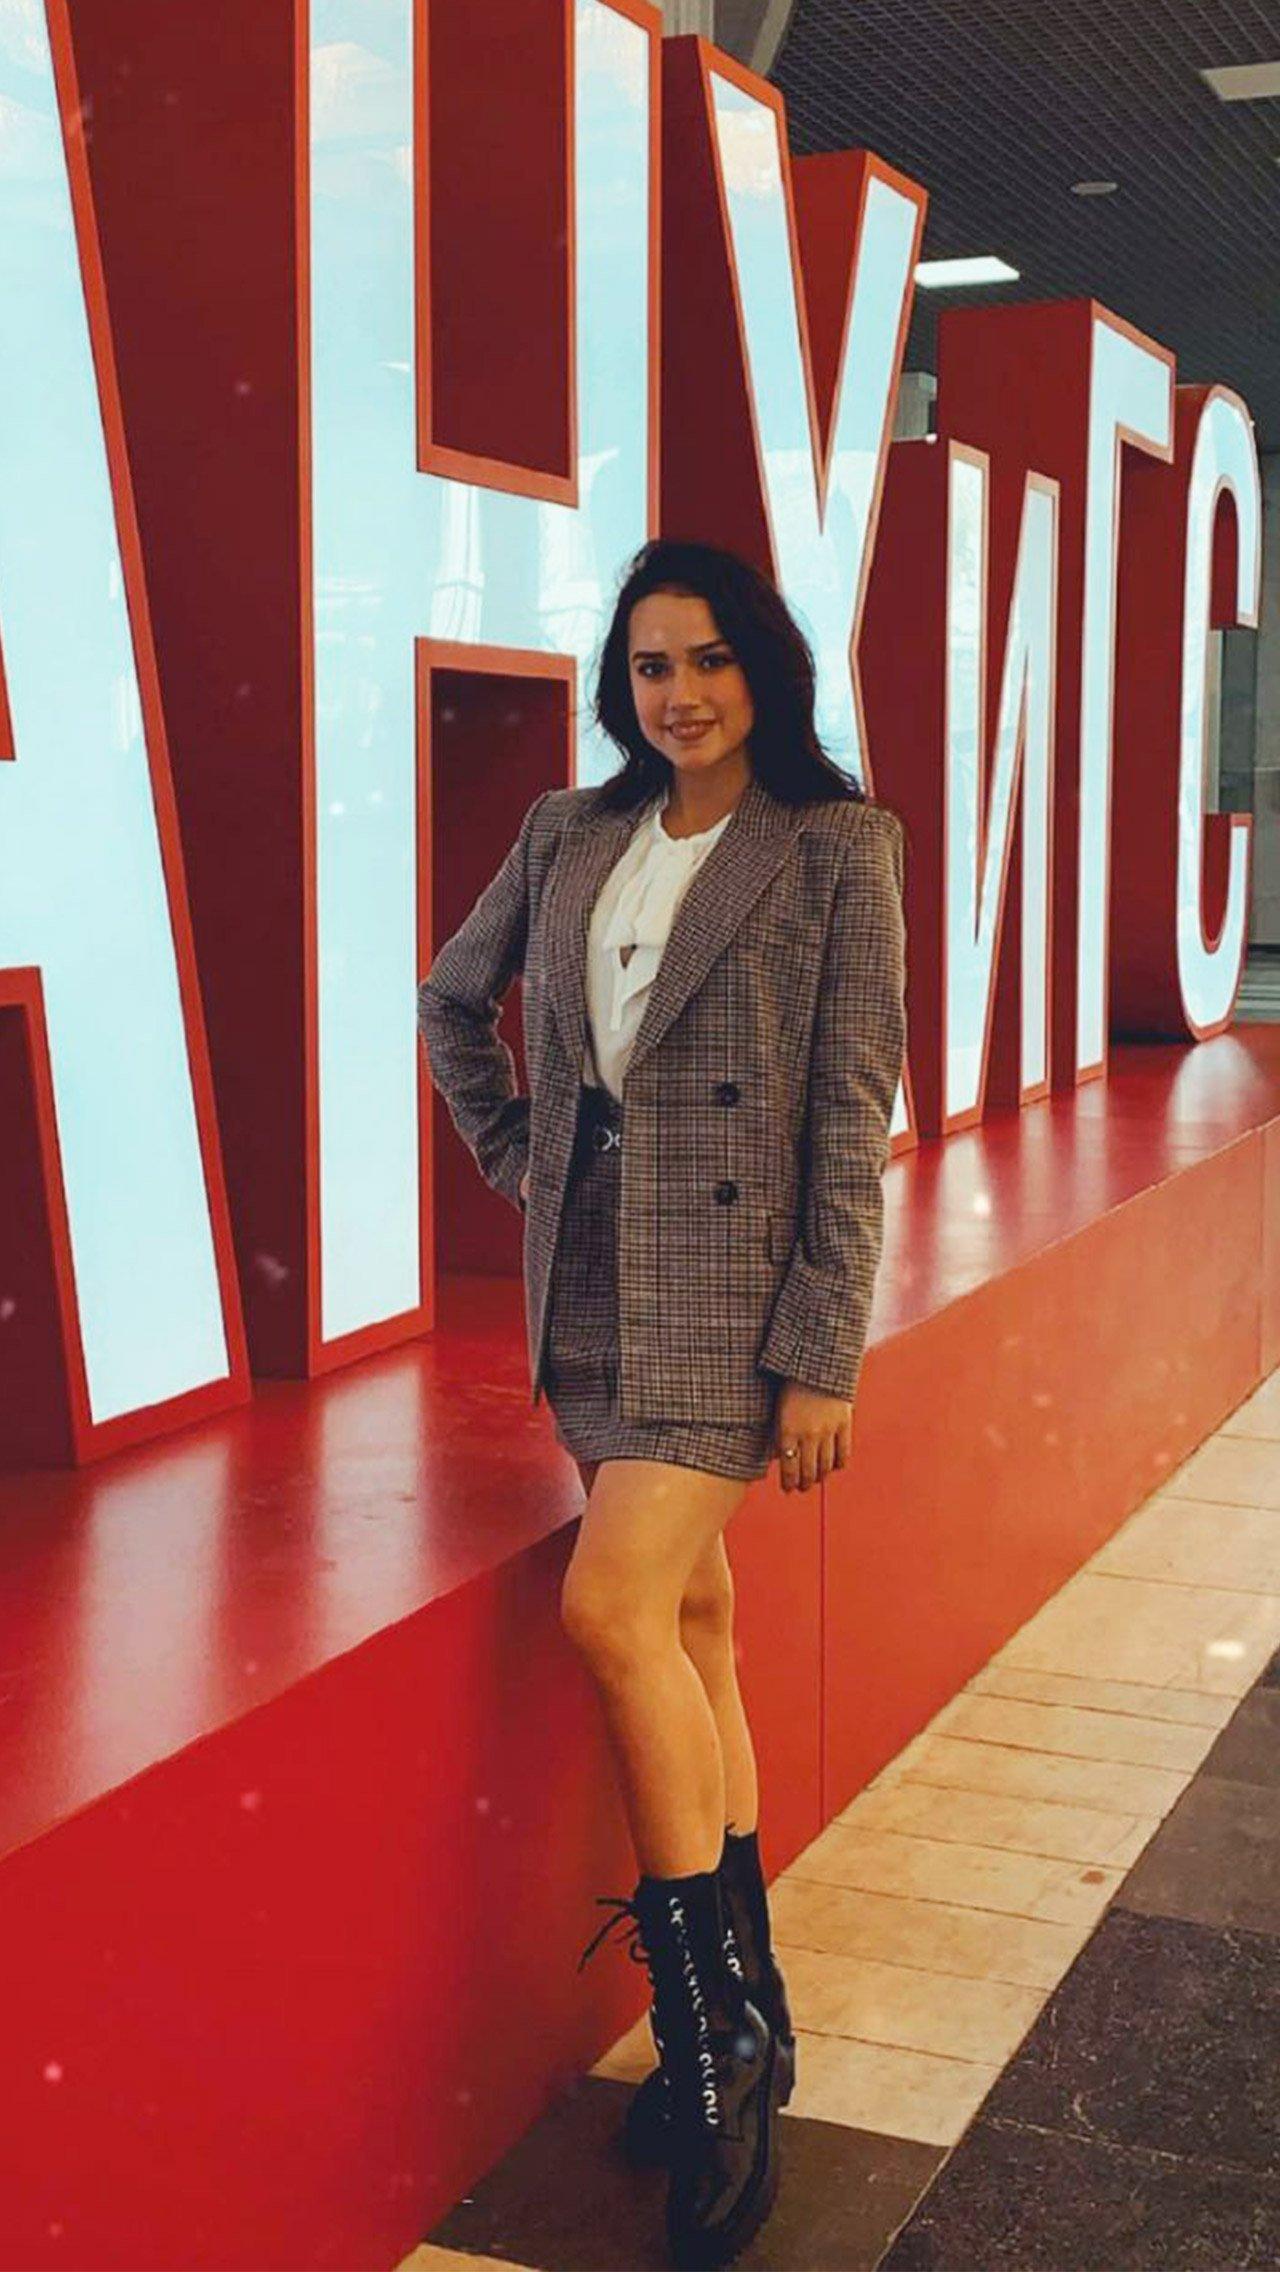 Загитова набрала 51 балл за ЕГЭ по русскому и 44 балла — по обществознанию. Стоимость обучения составляет 330 тыс. рублей в год.